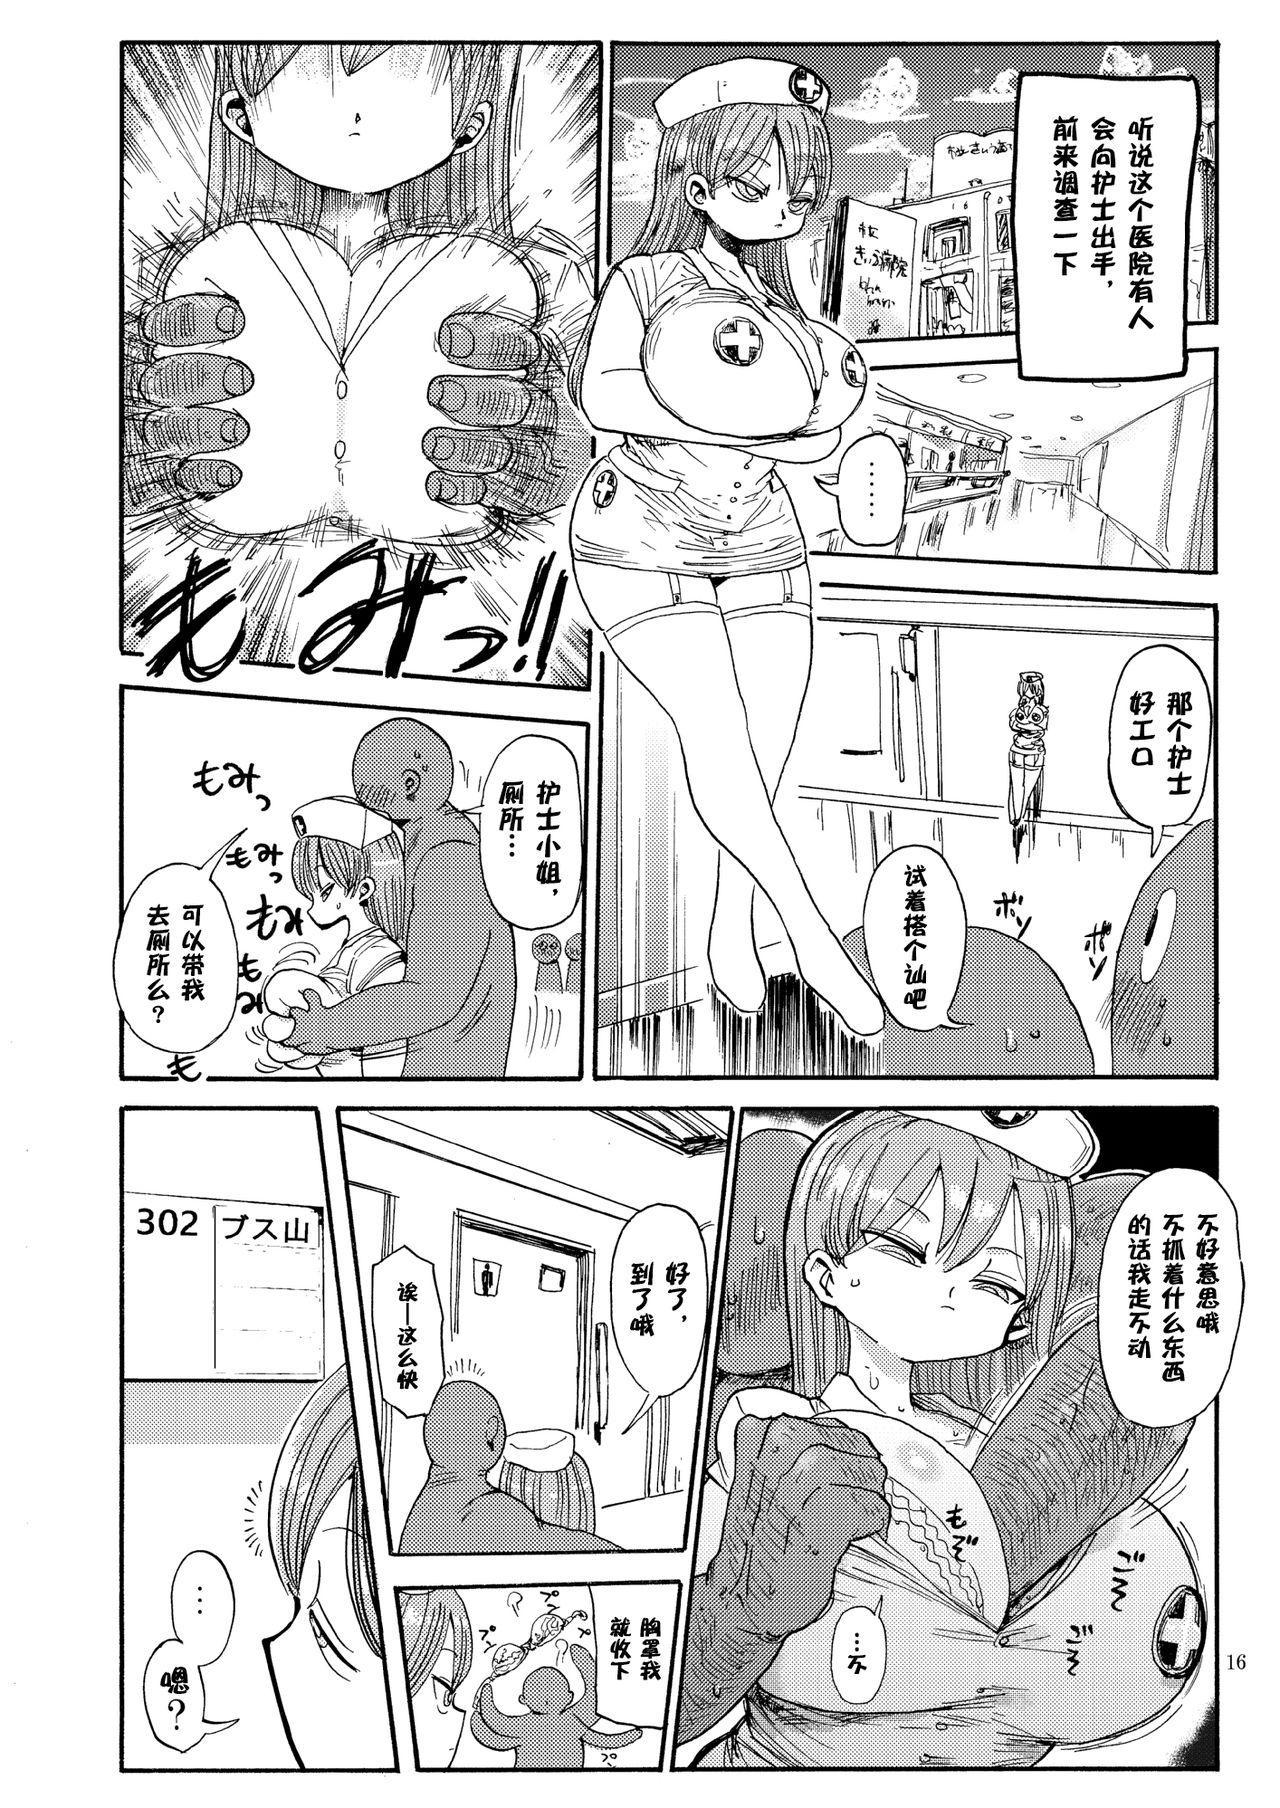 Nandemo Chousa Shoujo no Doujinshi ga Deta? Wakarimashita Chousa Shimasu 15